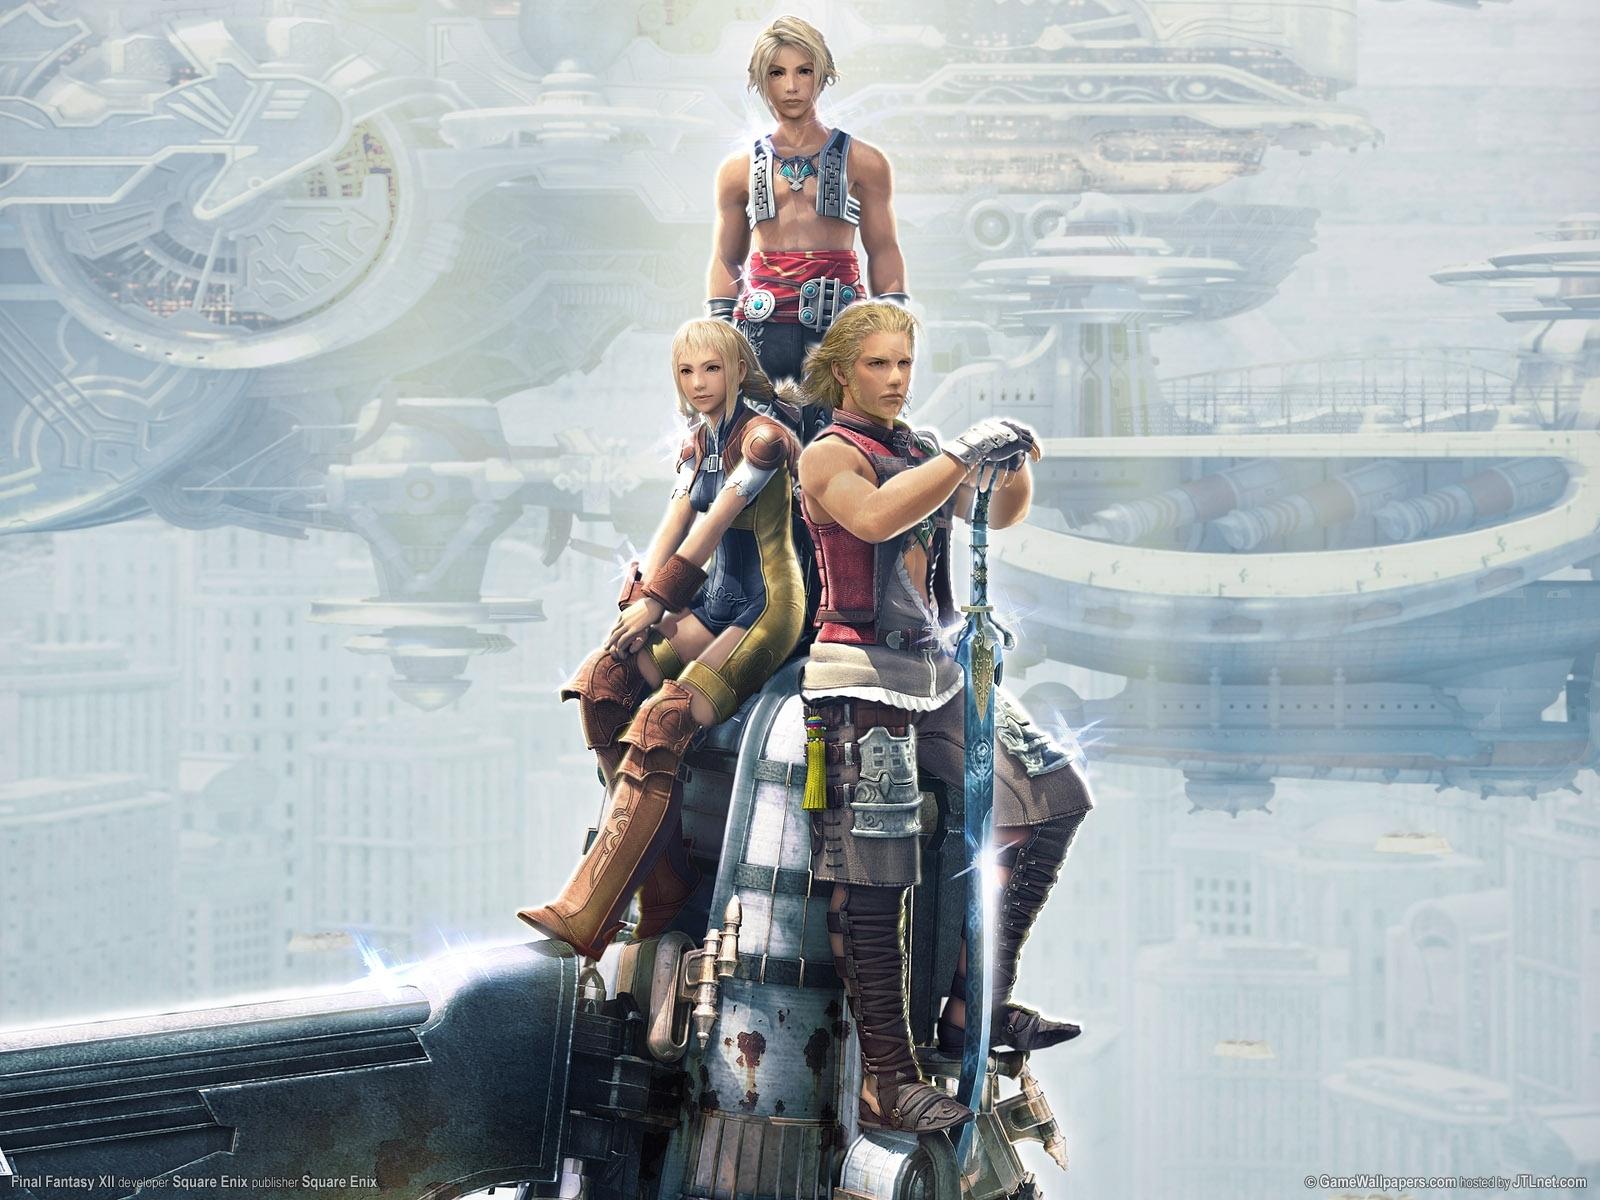 7467 Hintergrundbild herunterladen Spiele, Final Fantasy - Bildschirmschoner und Bilder kostenlos